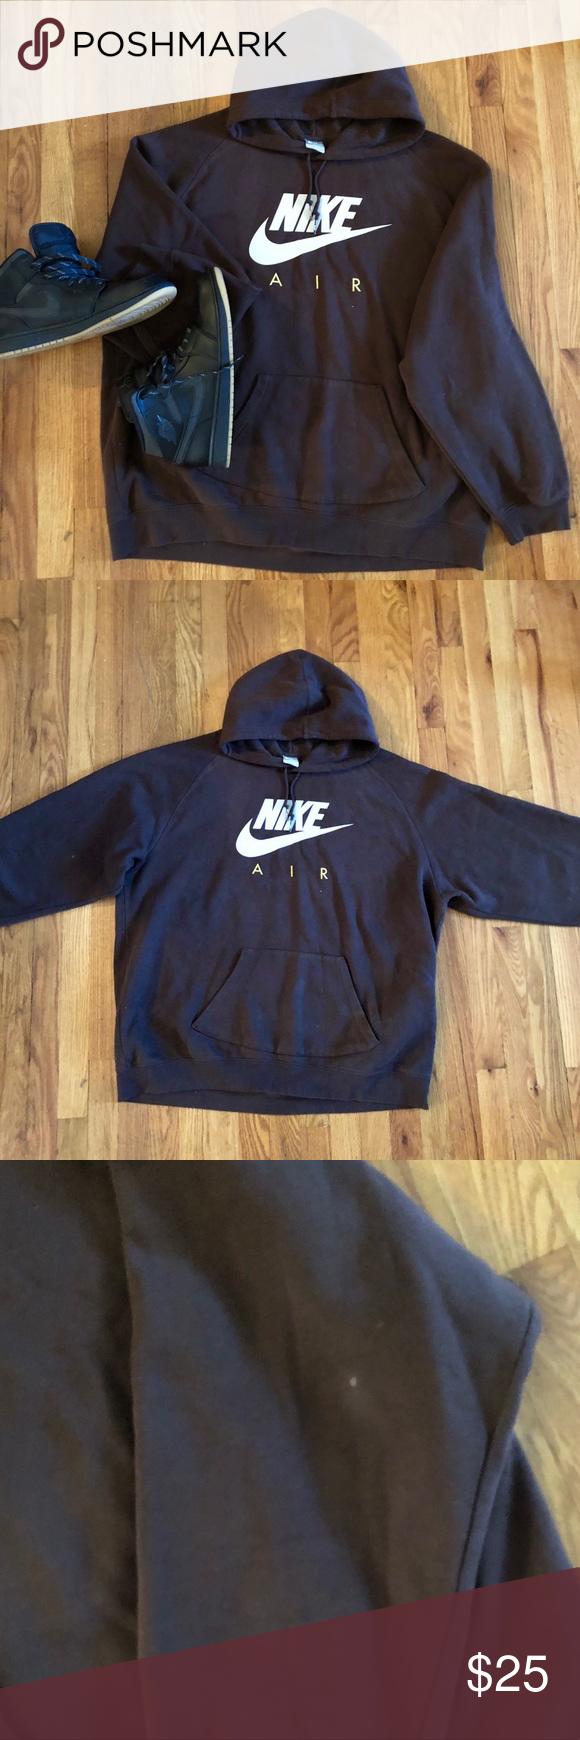 b163a2222589 🔥Nike Air Hoodie🔥 Chocolate brown Nike hoodie Drawstring